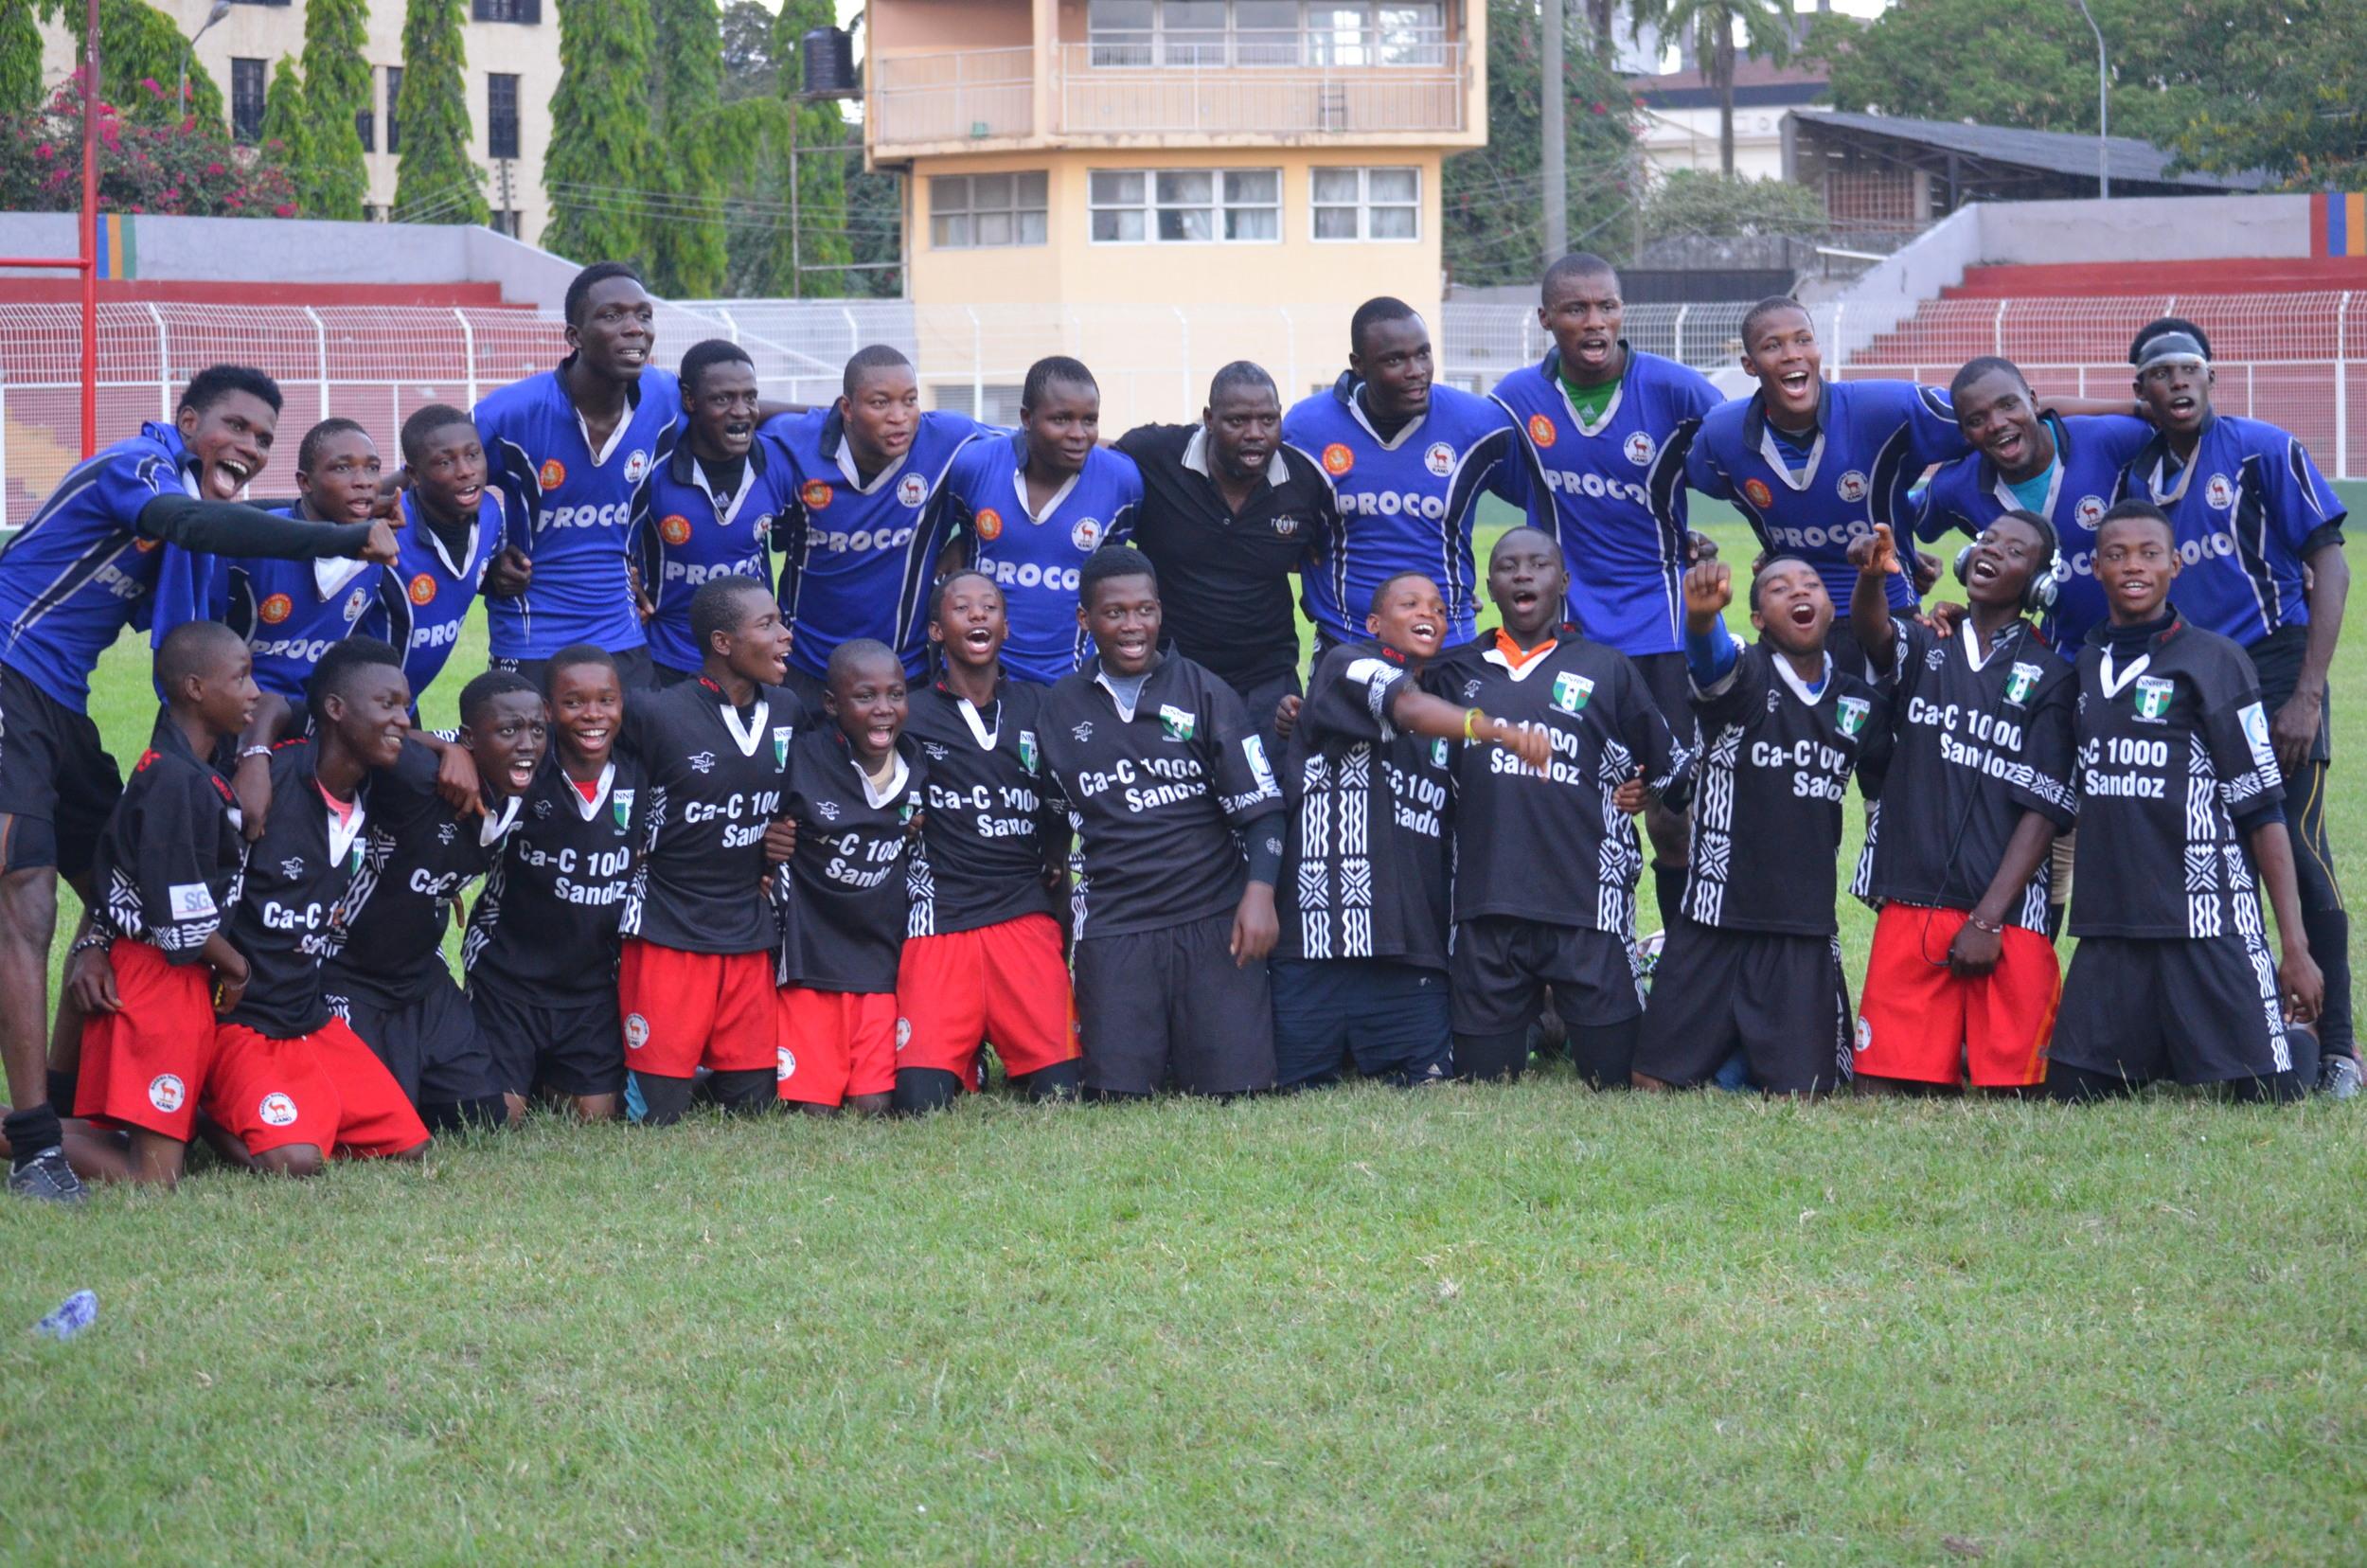 Seniors and Juniors together with Team Manager Umar d'Bau.